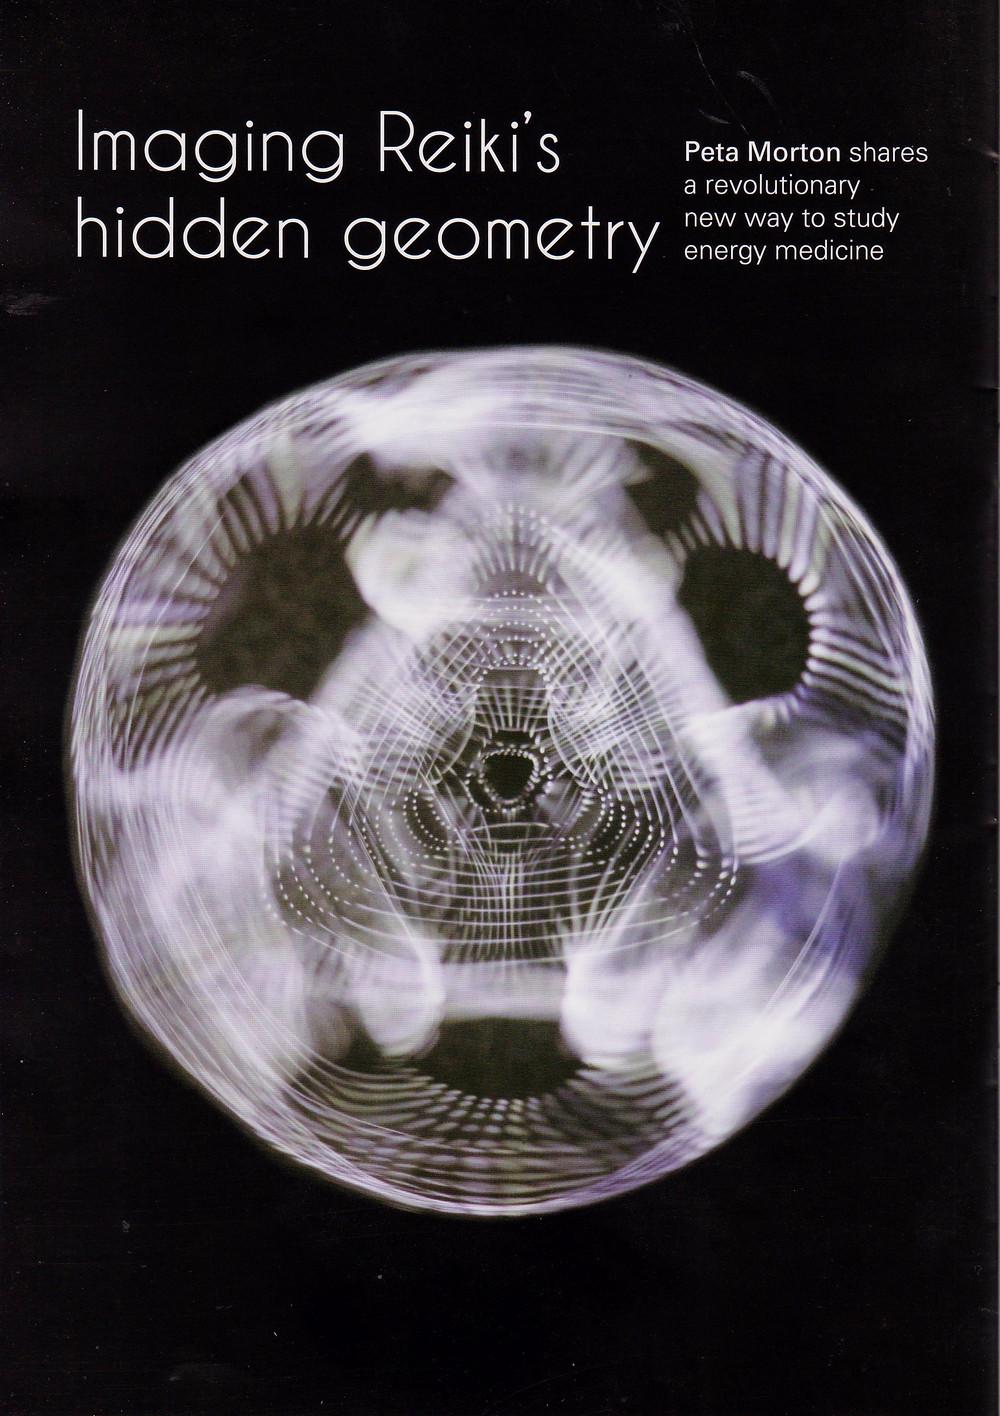 Imaging Reiki's Hidden Geometry article